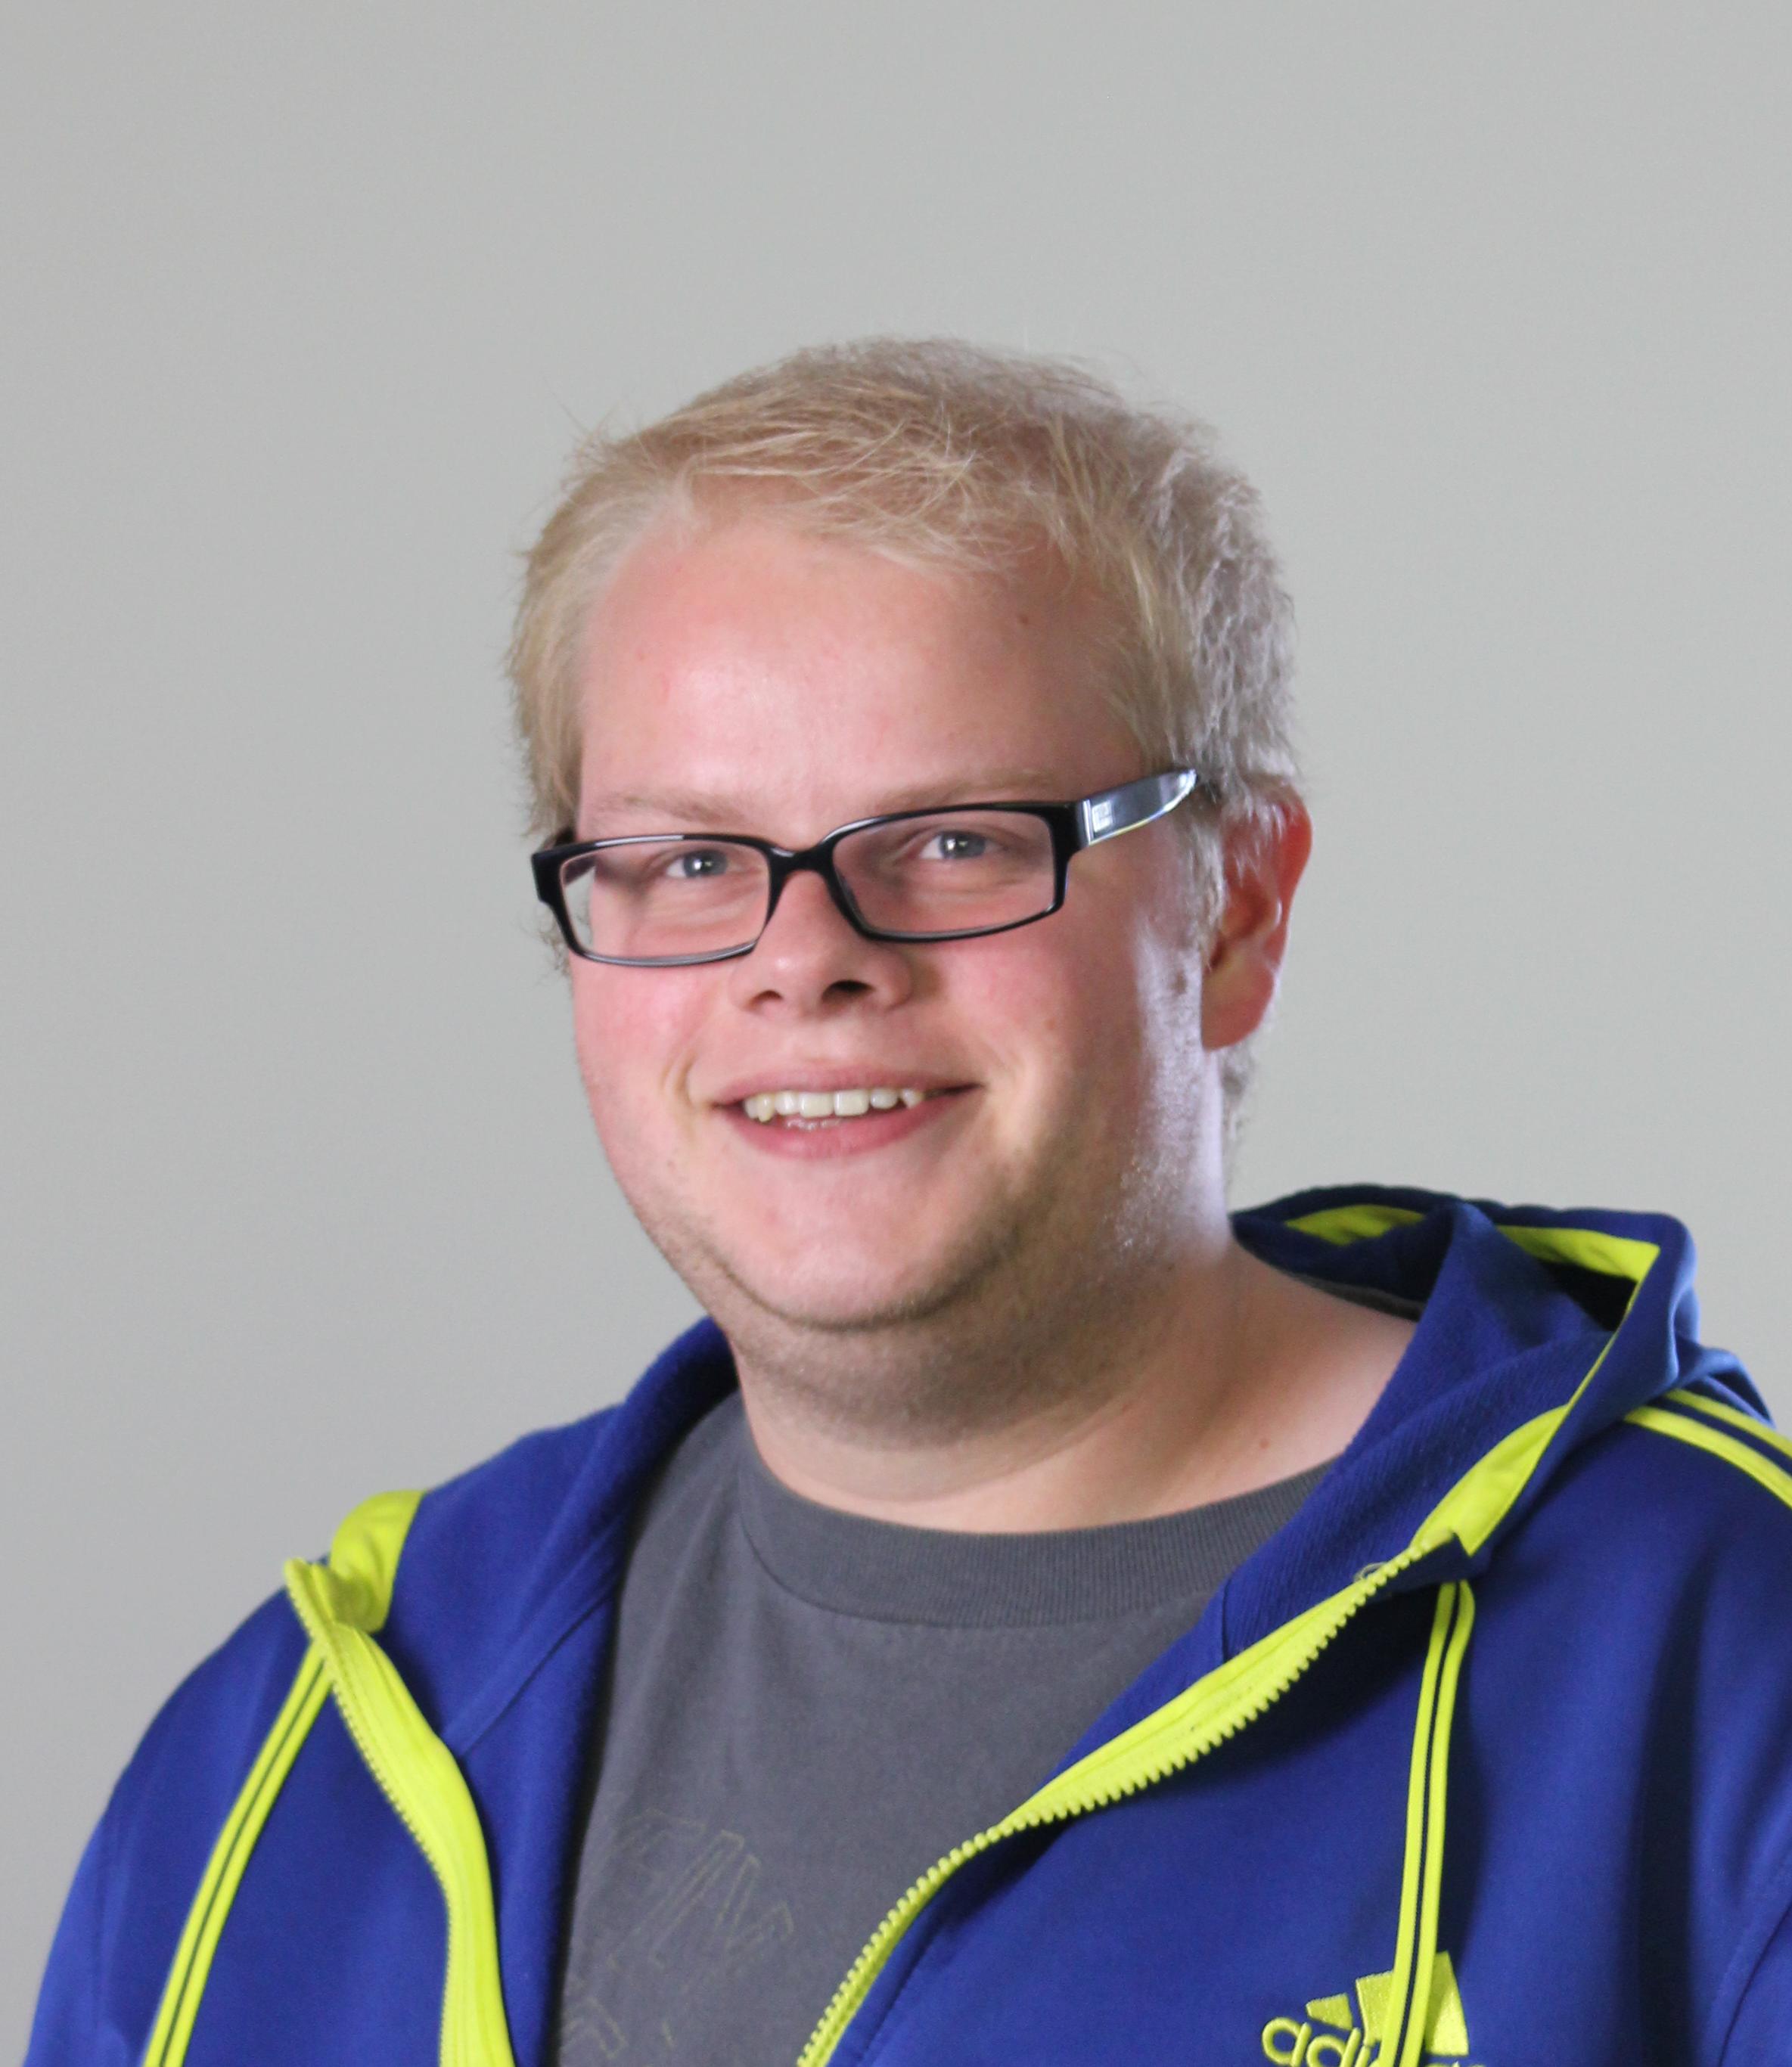 Markus Löchtefeld